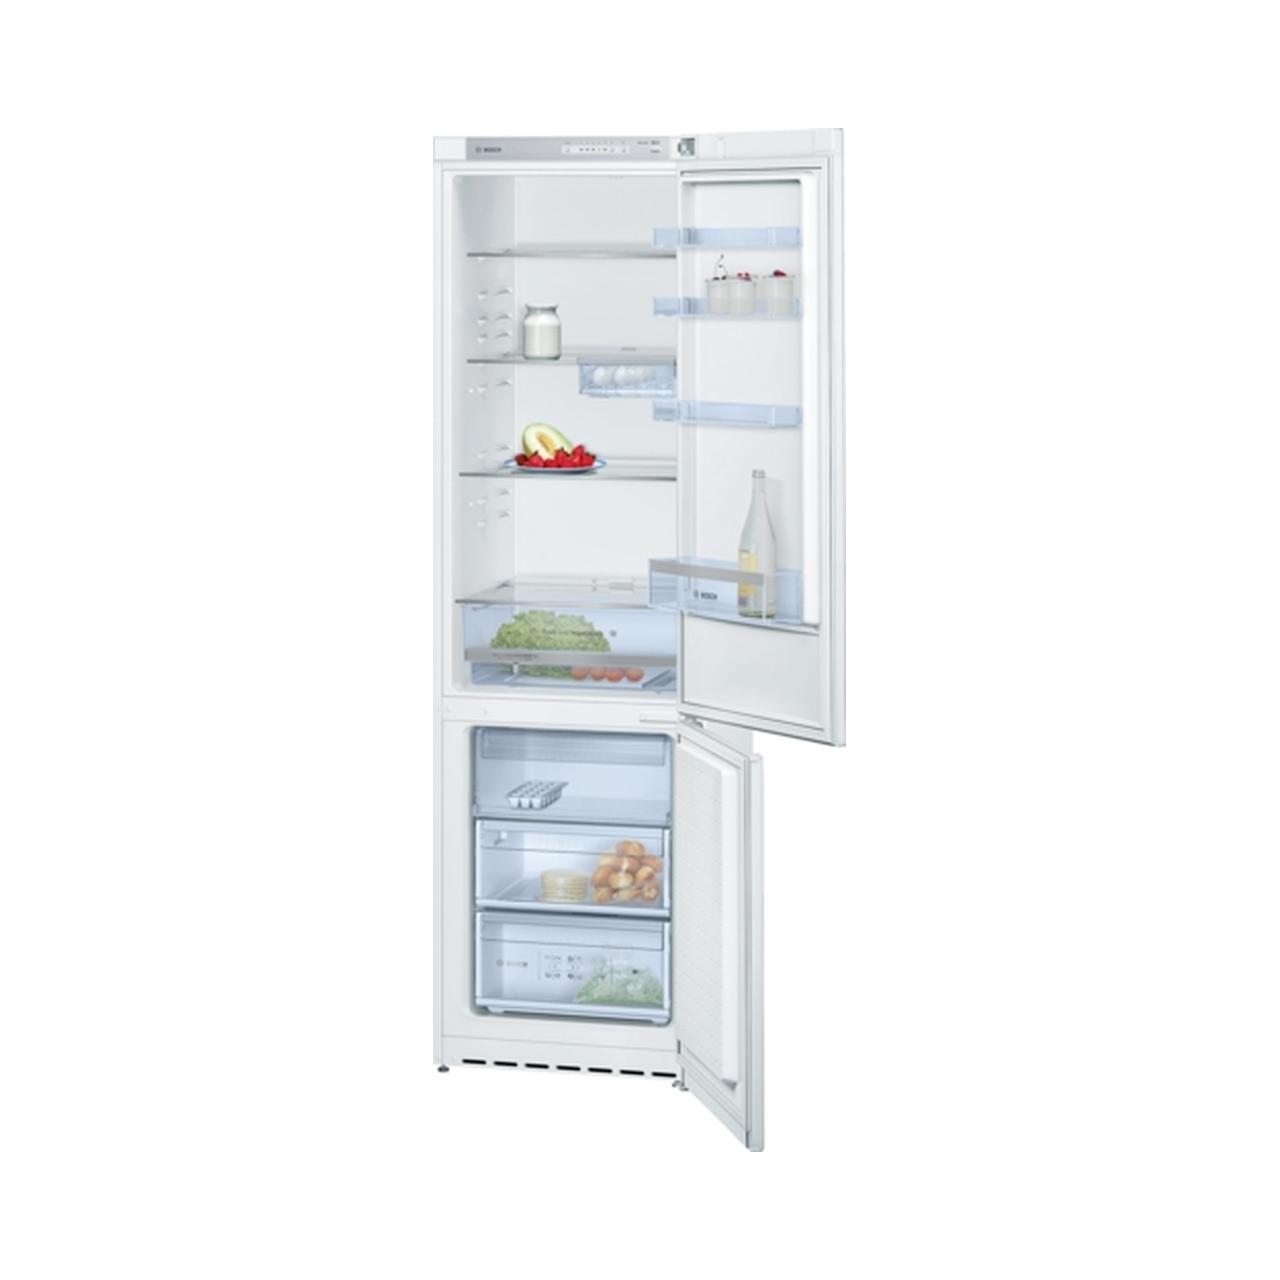 Tủ lạnh đơn BOSCH KGV39VW23E Serie 4